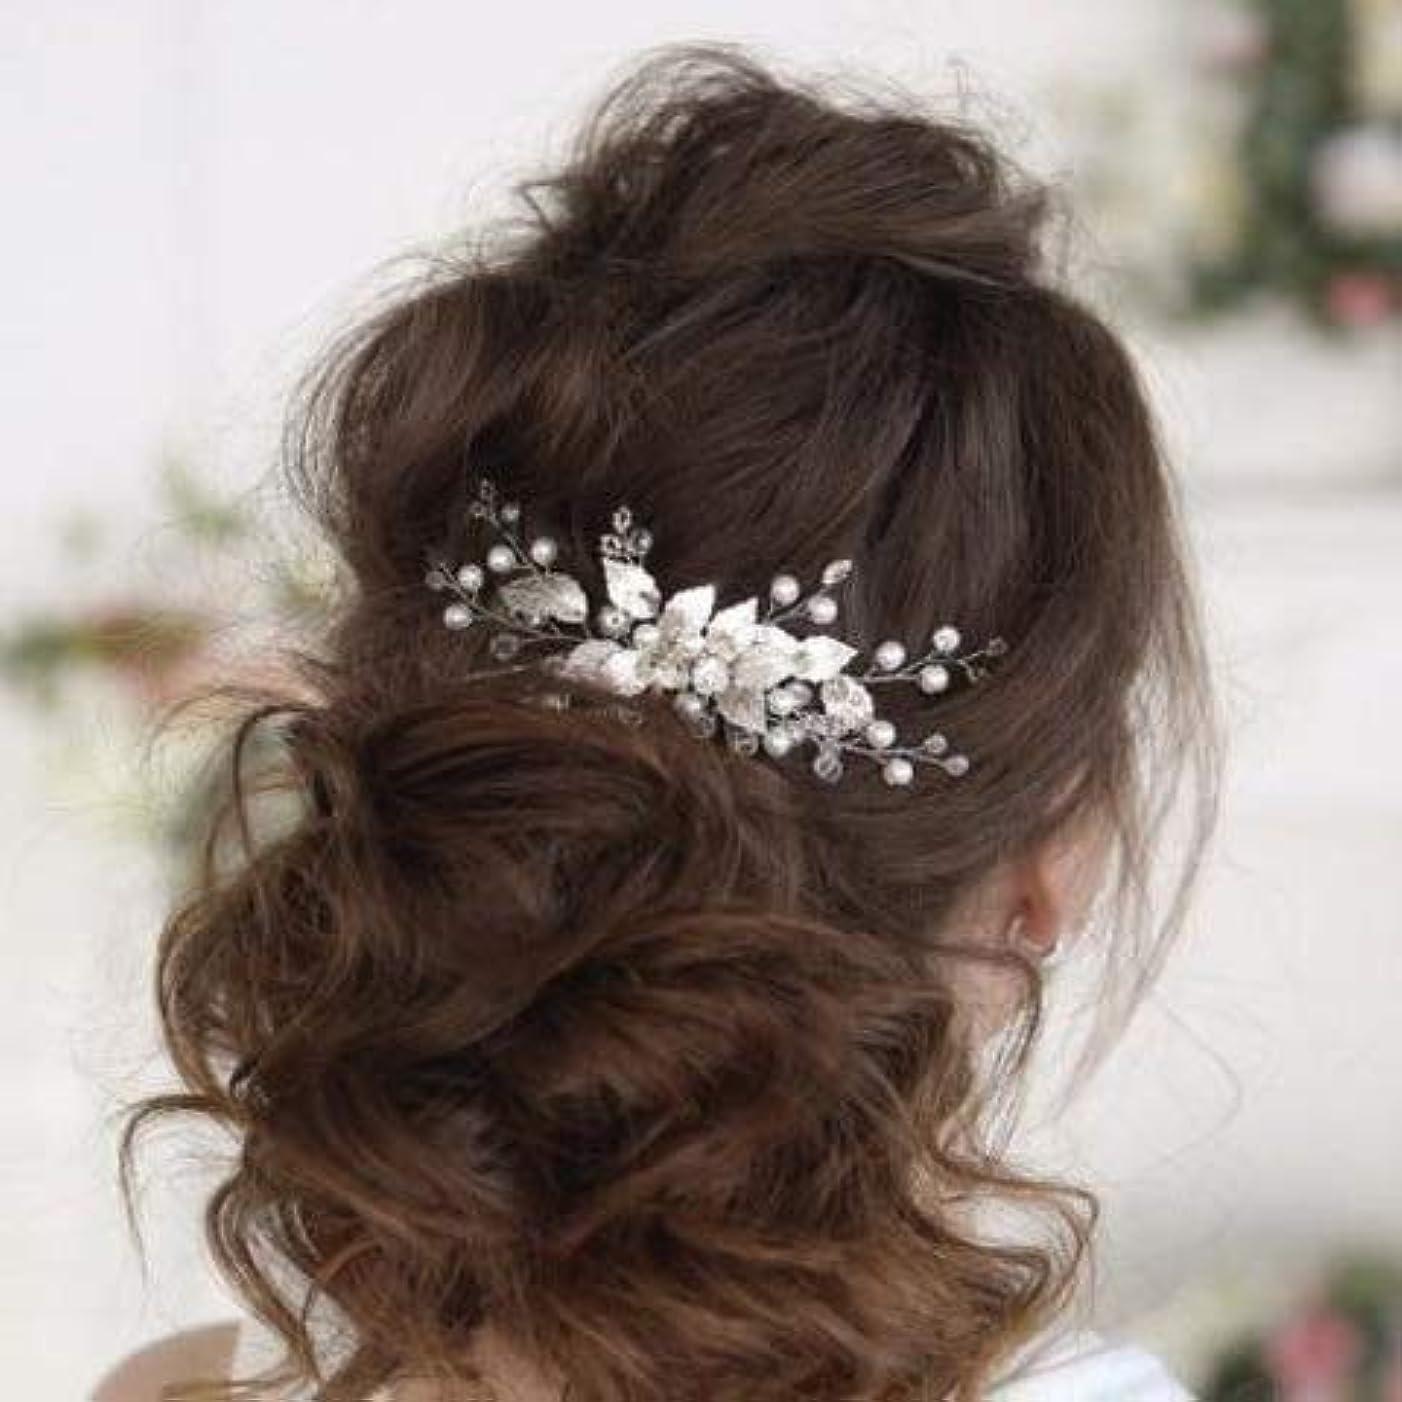 寮災害苦情文句Kercisbeauty Boho Wedding Bridal Hair Comb Clips Decorative Headband with Crystal Leaf Rhinestones for Brides...